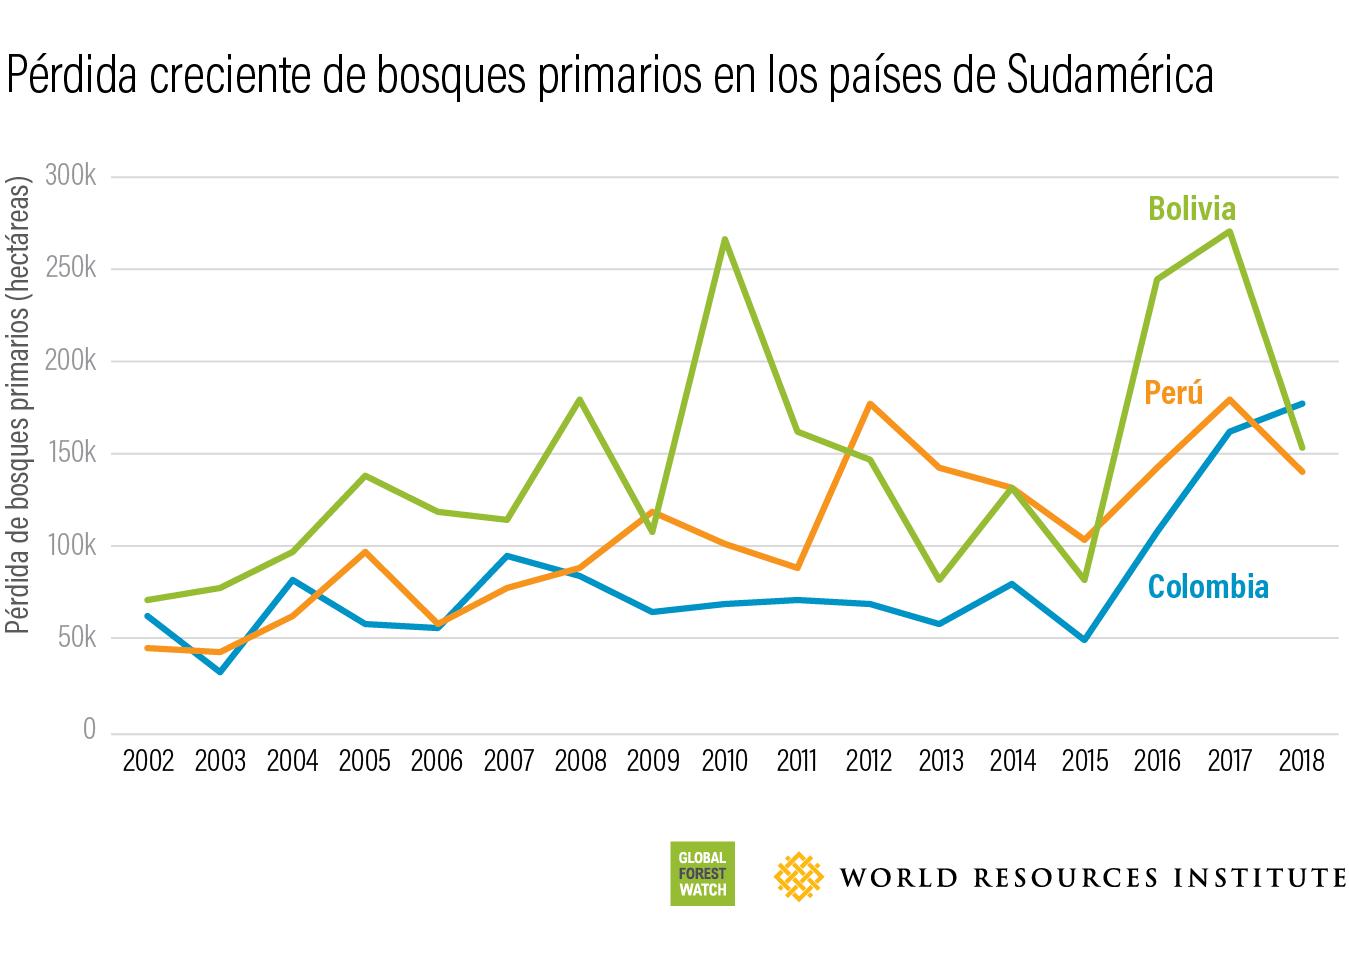 Colombia, Bolivia y Perú figuran en el ranking mundial de países con mayor pérdida de bosques primarios. Imagen: World Resources Institute.